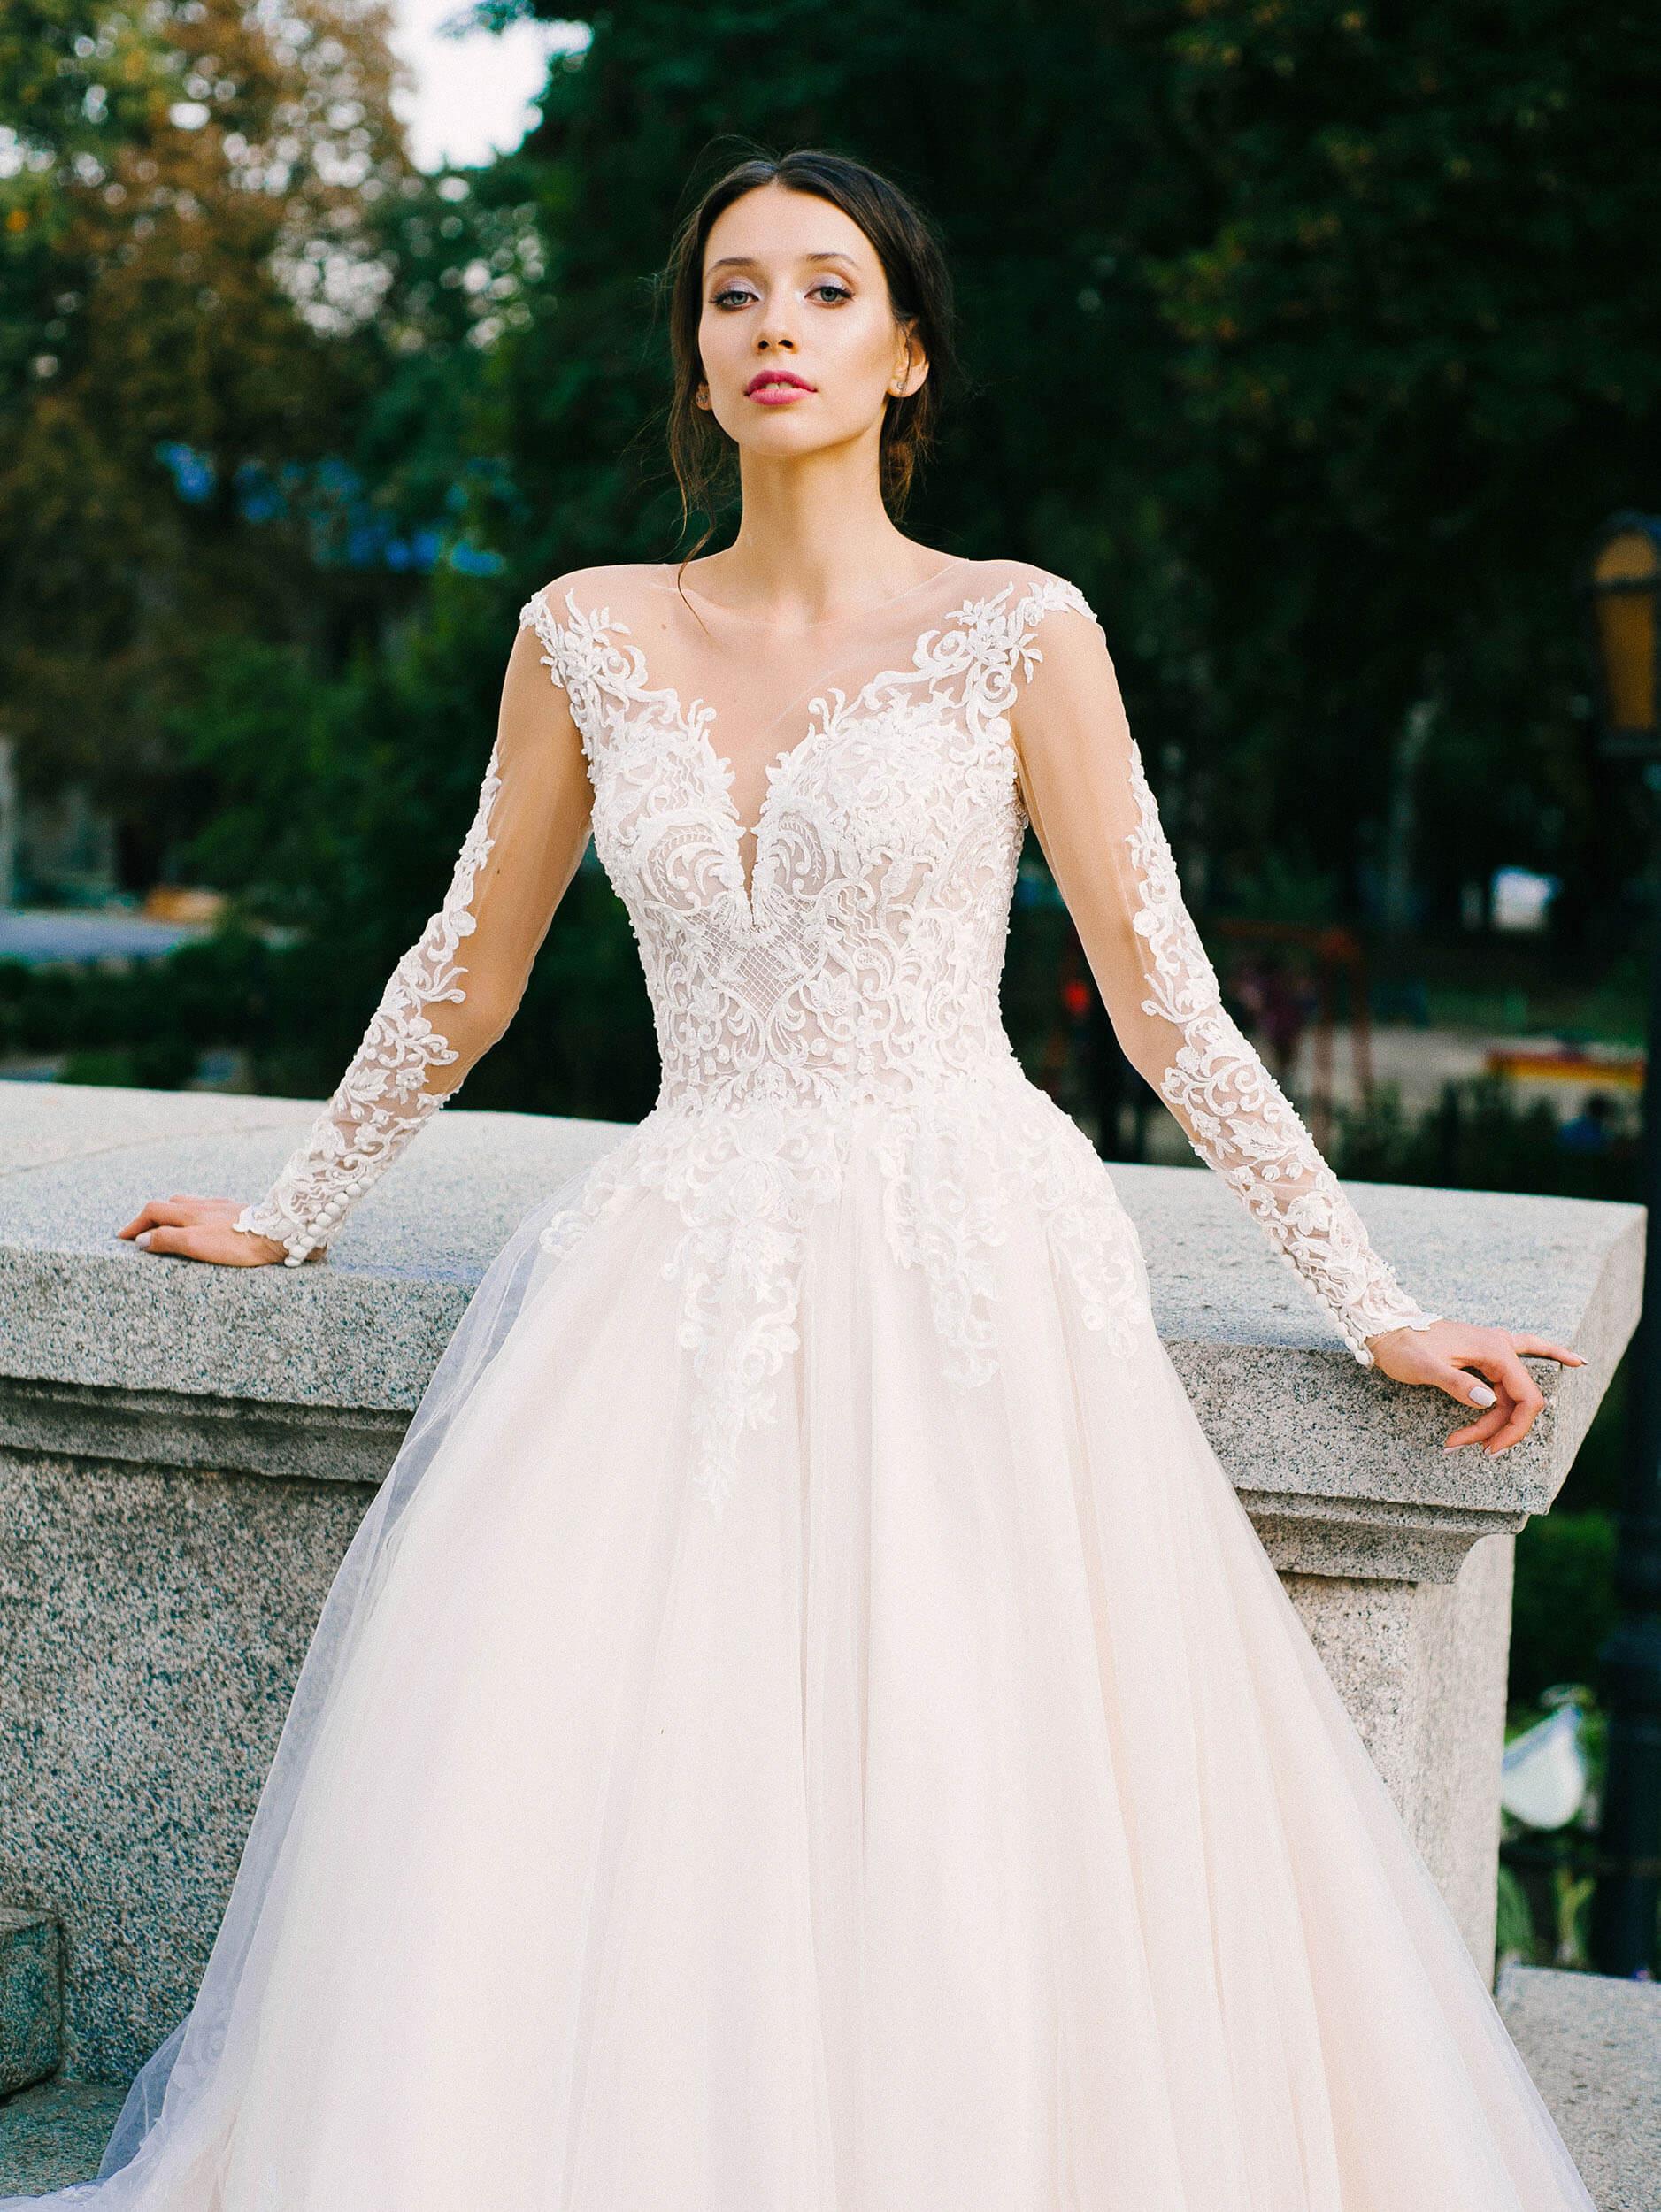 очень пышные свадебные платья с корсетом(1) | Vero